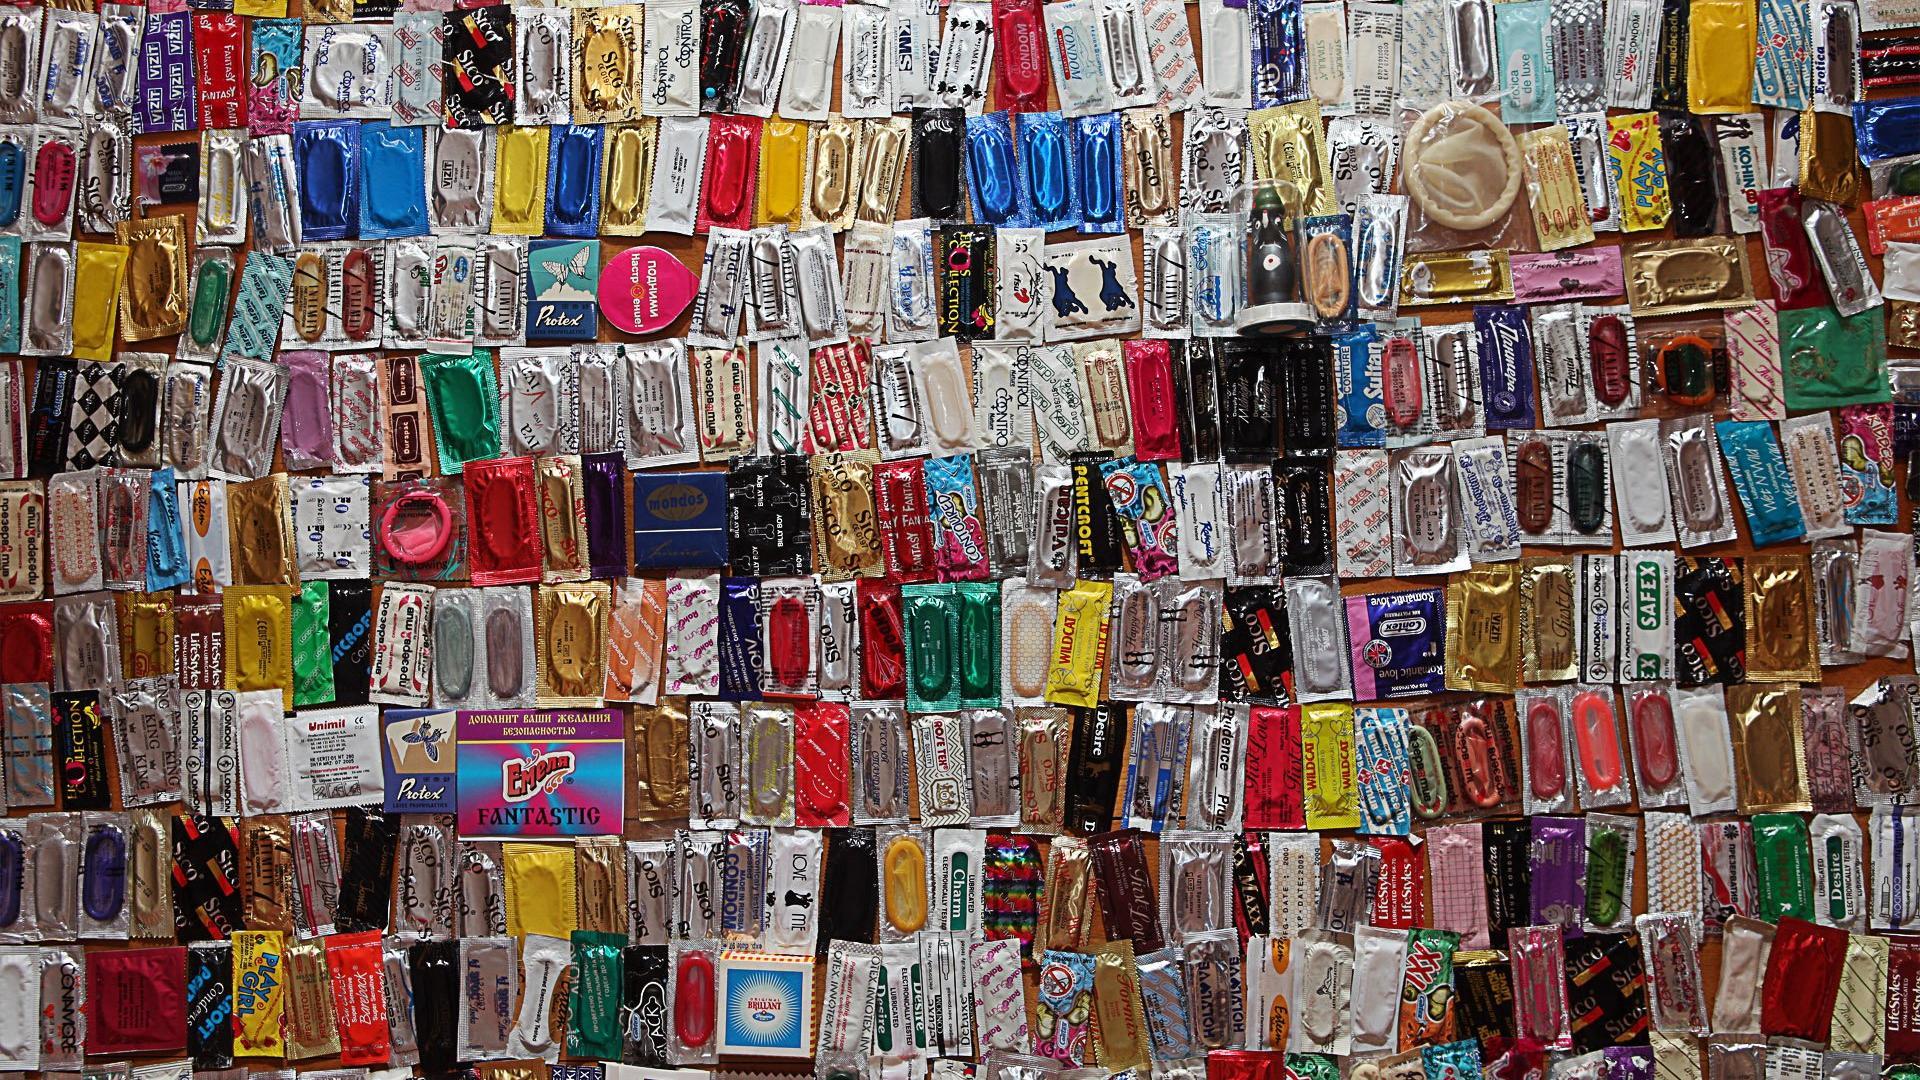 некоторое время выставка презервативов нас